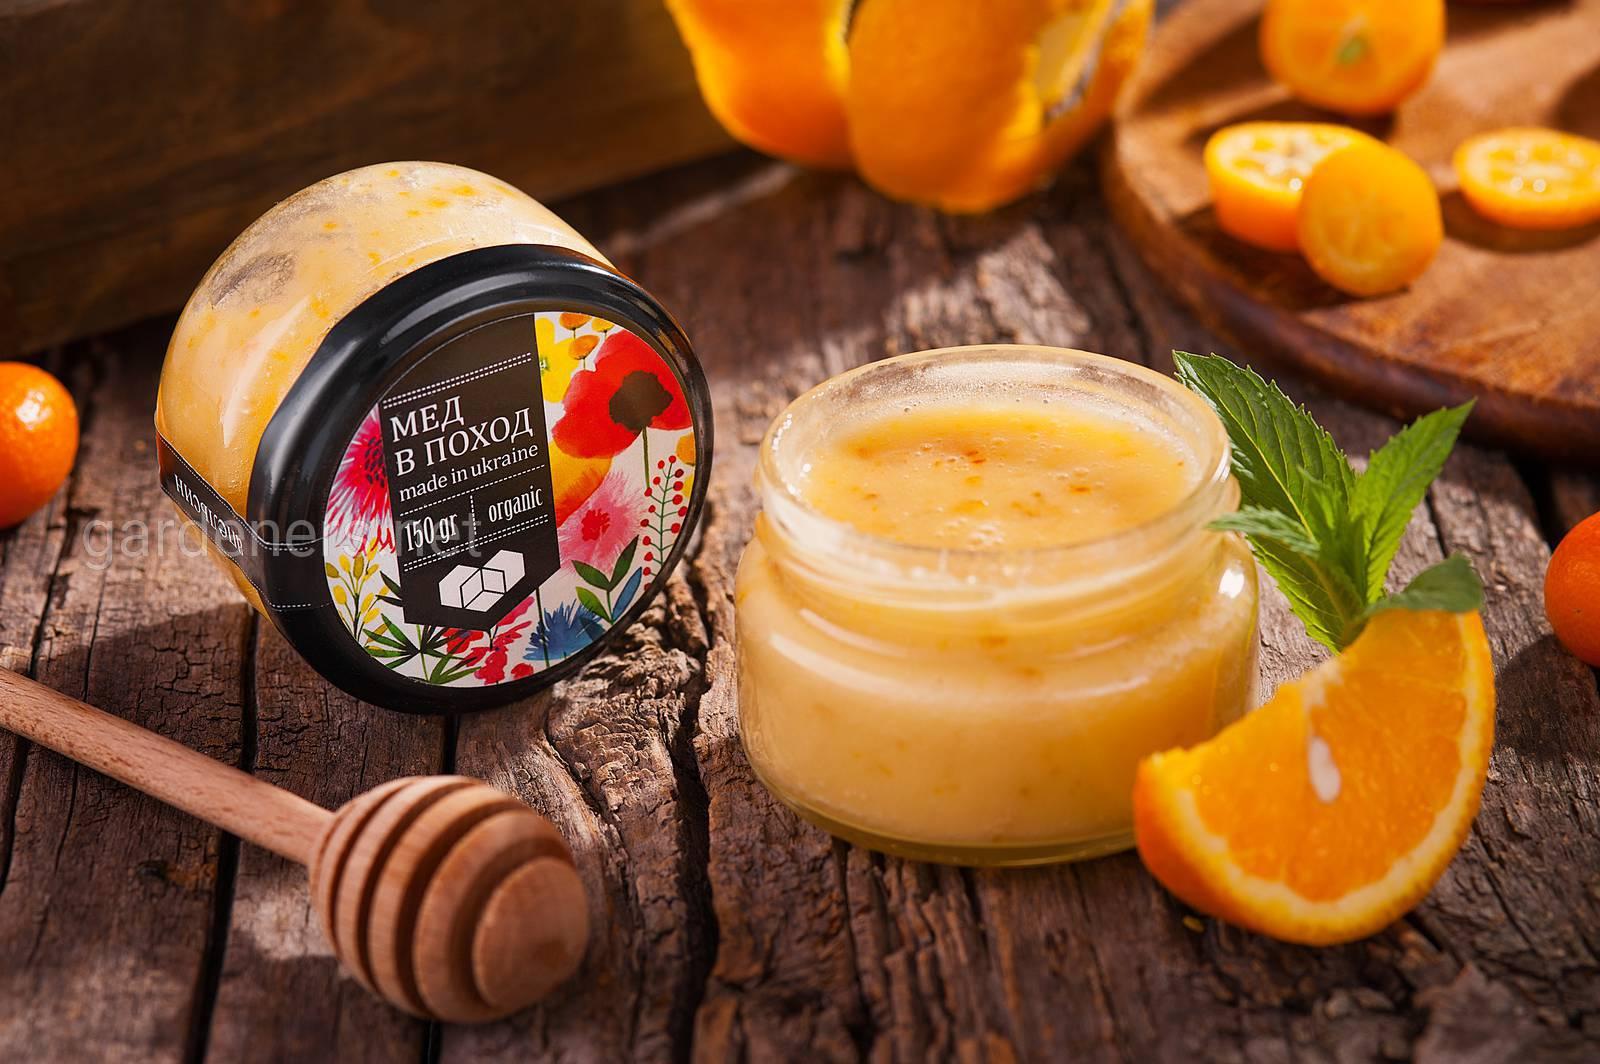 Мед в поход - медовый мусс с апельсином